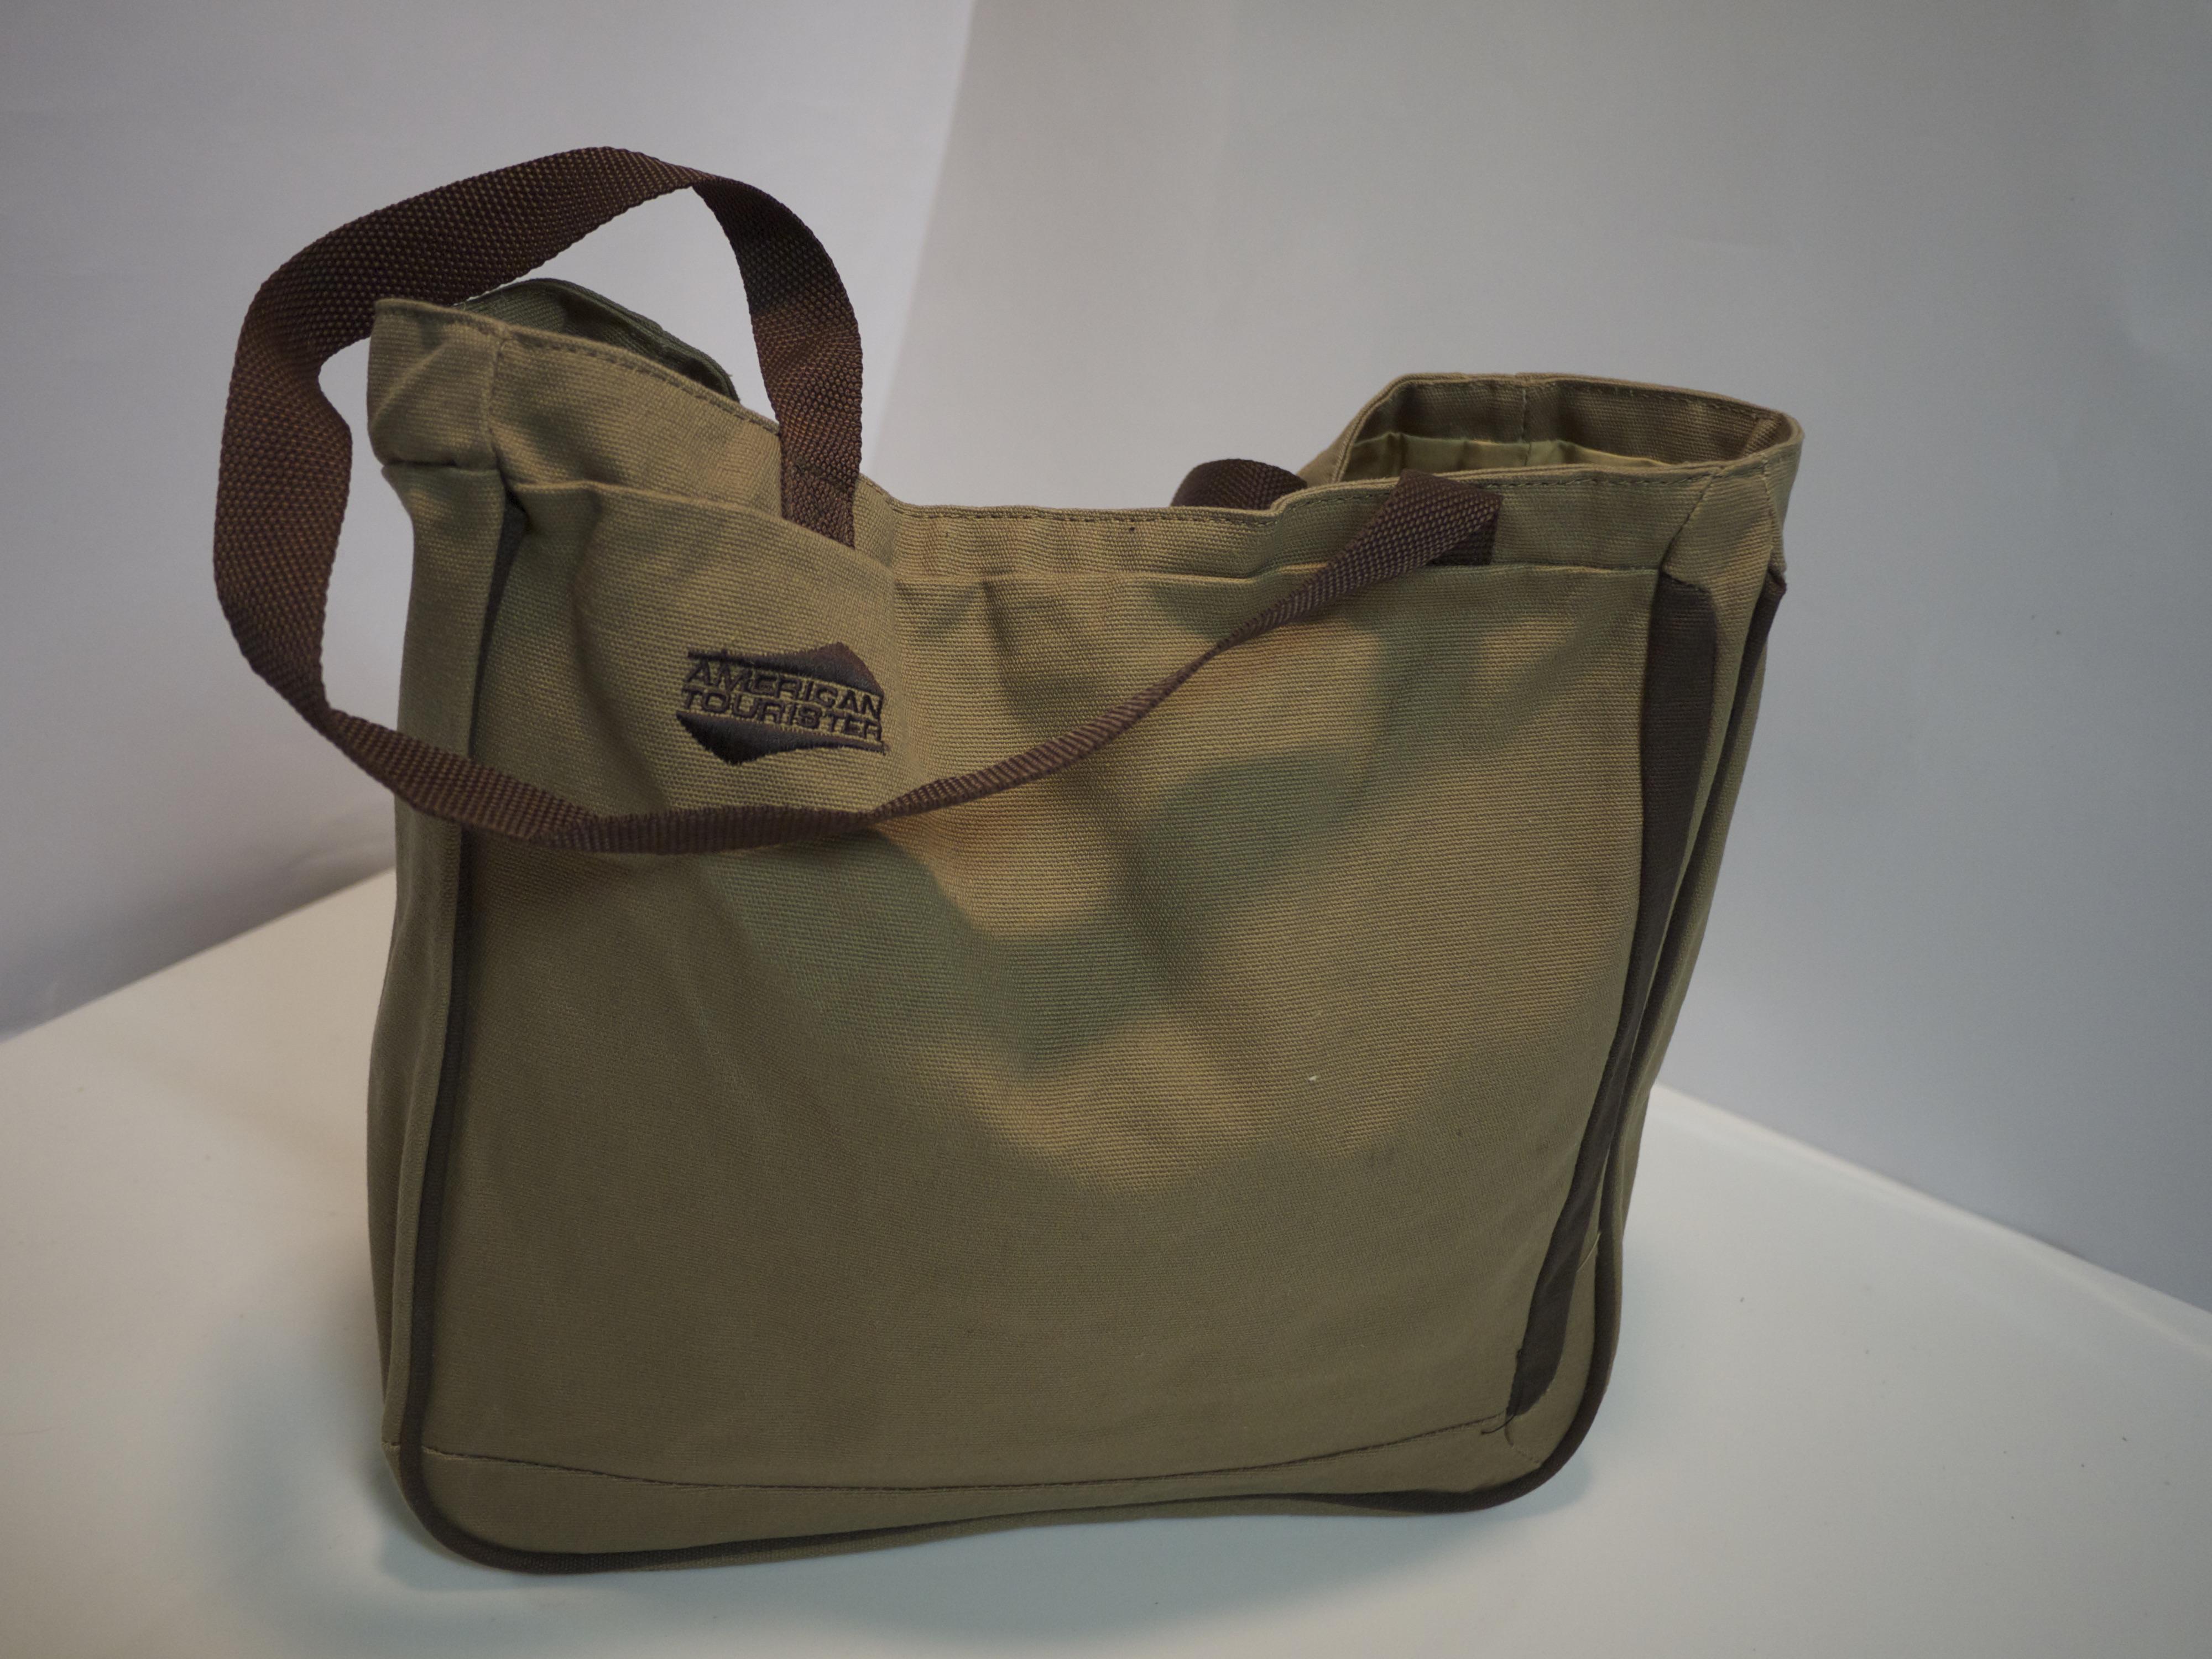 Light brown cloth bag